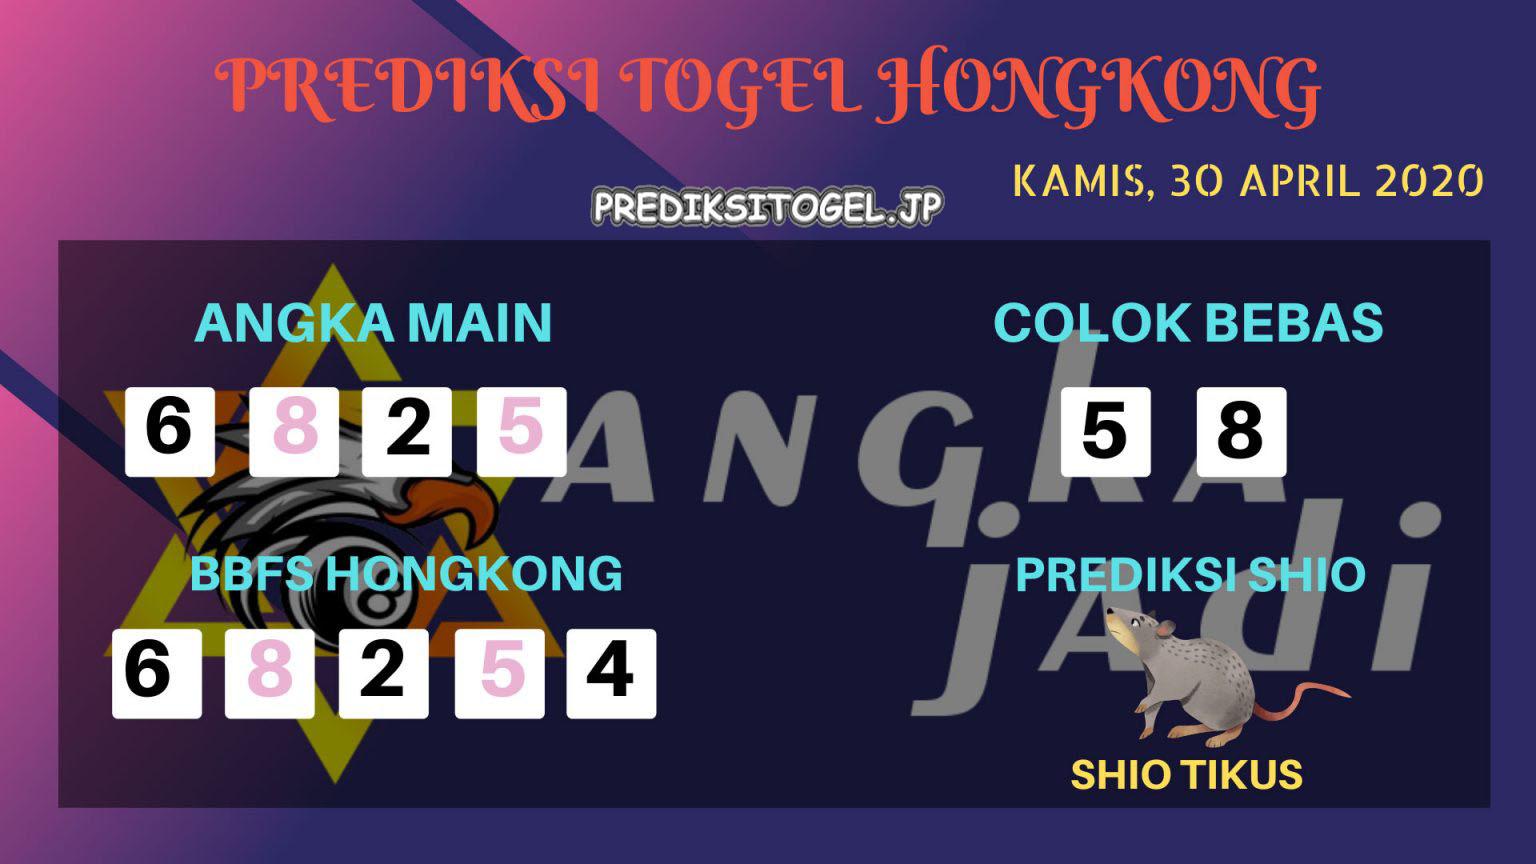 Prediksi HK 30 April 2020 - Prediksi Angka HK